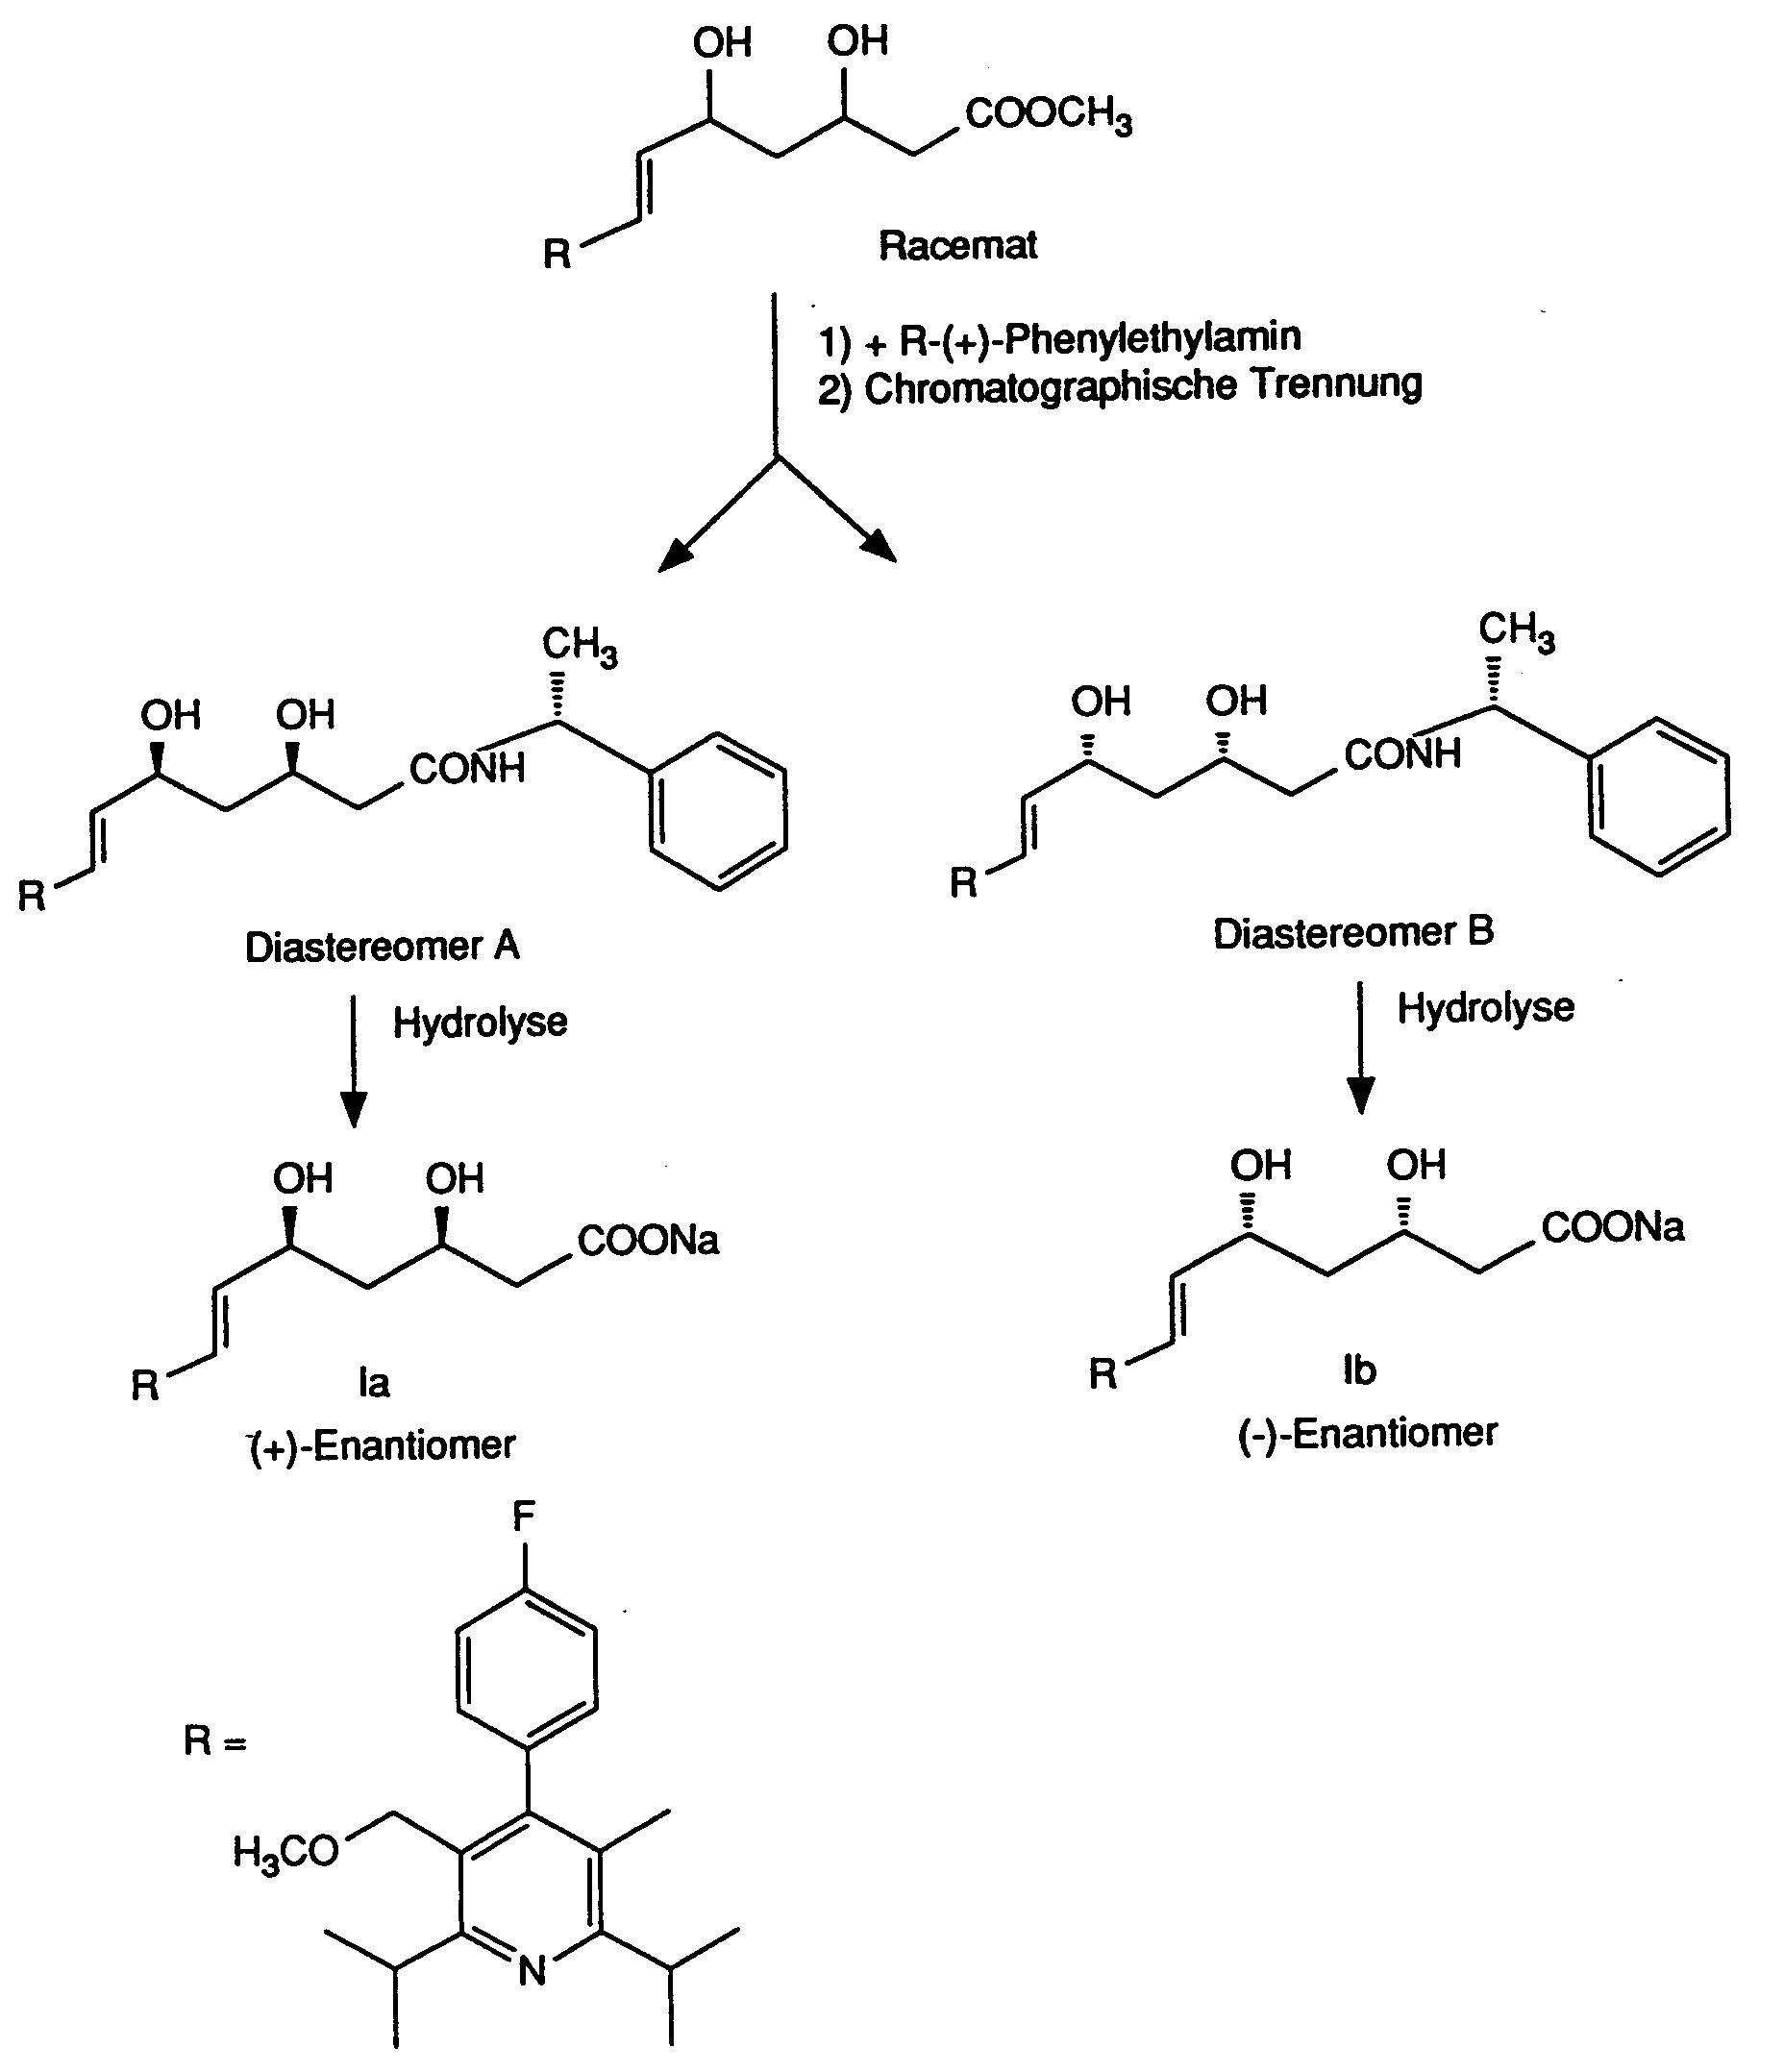 (R)-(+)-1-Phenylethylamine